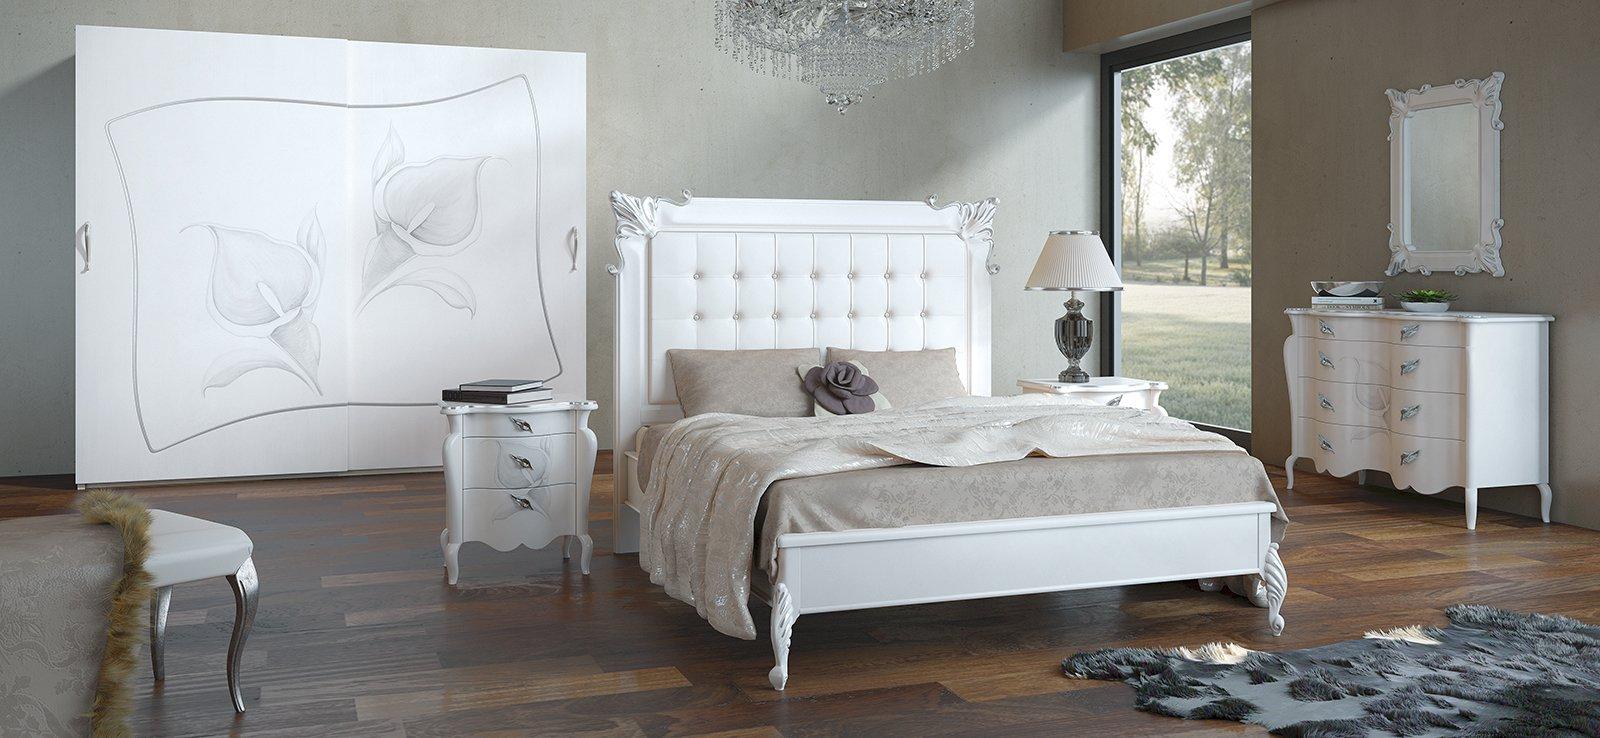 L 39 armadio decorato in stile new classic cose di casa - Lumi camera da letto ...